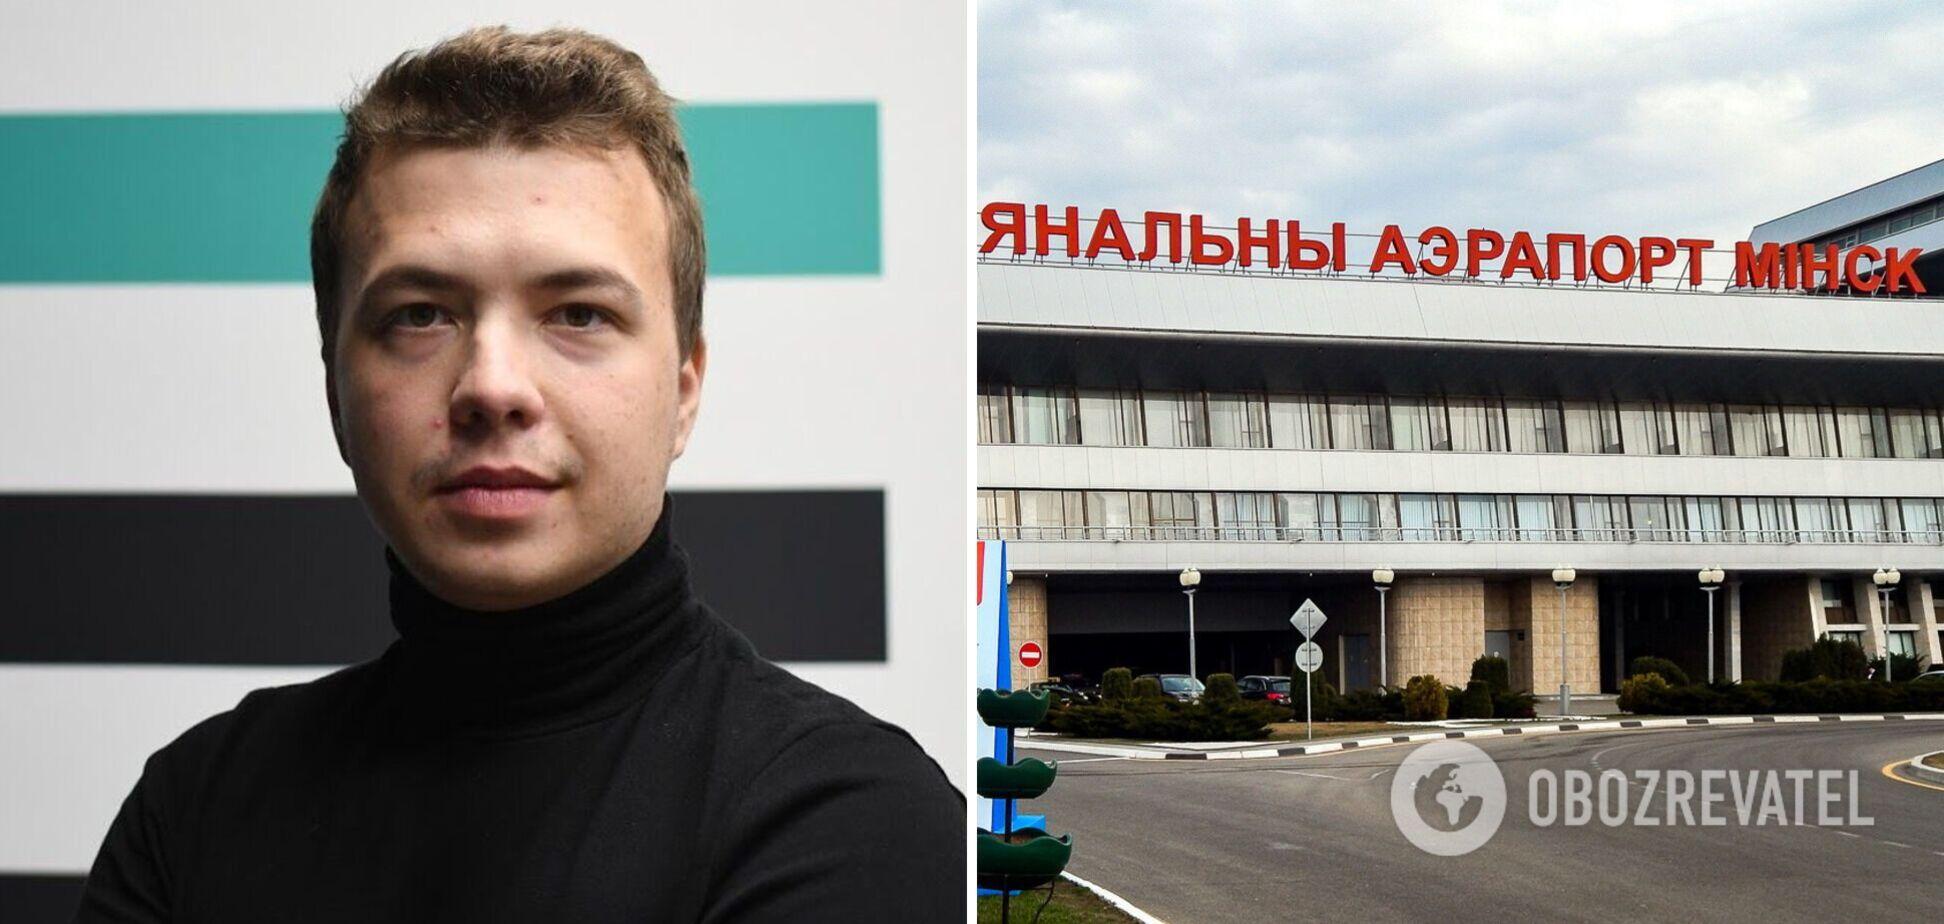 США и семь стран призвали запретить полеты над Беларусью из-за Протасевича. Заявление